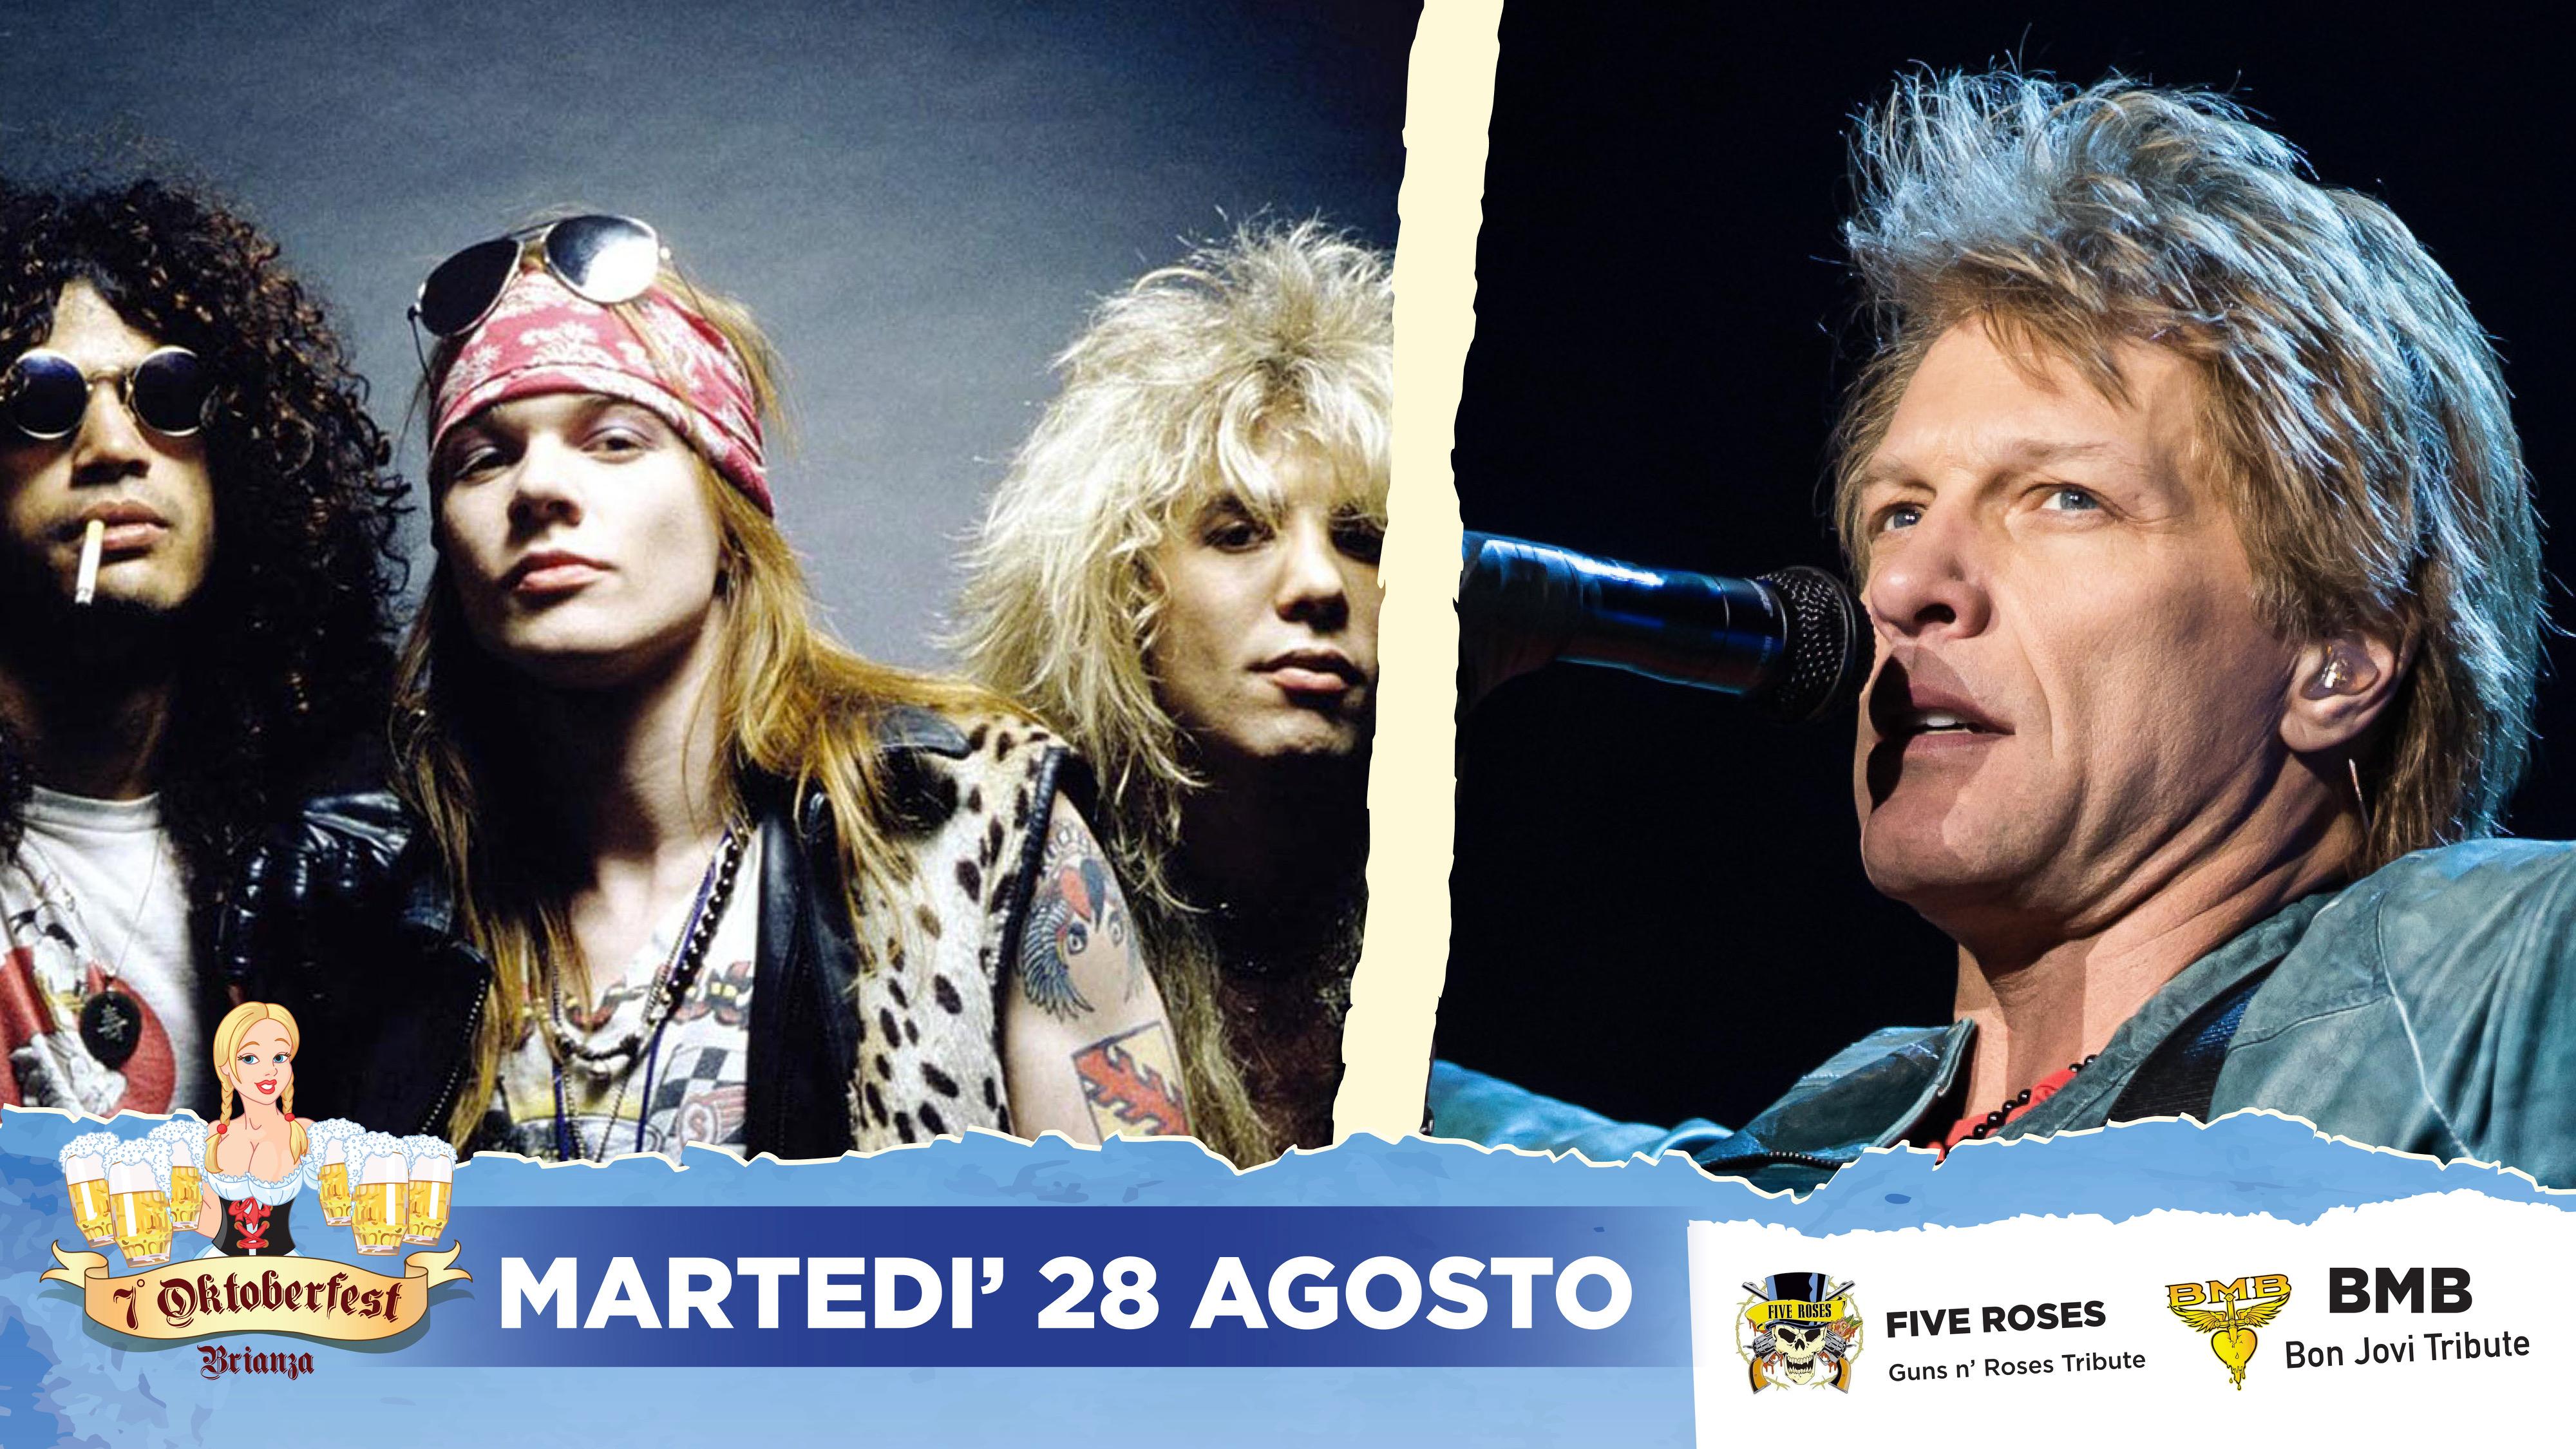 Martedi 28-08 Doppio spettacolo live con BMB – Tributo a Bon Jovi e Rocket Queen – Tributo ai Guns'n Roses – Oktoberfest Brianza